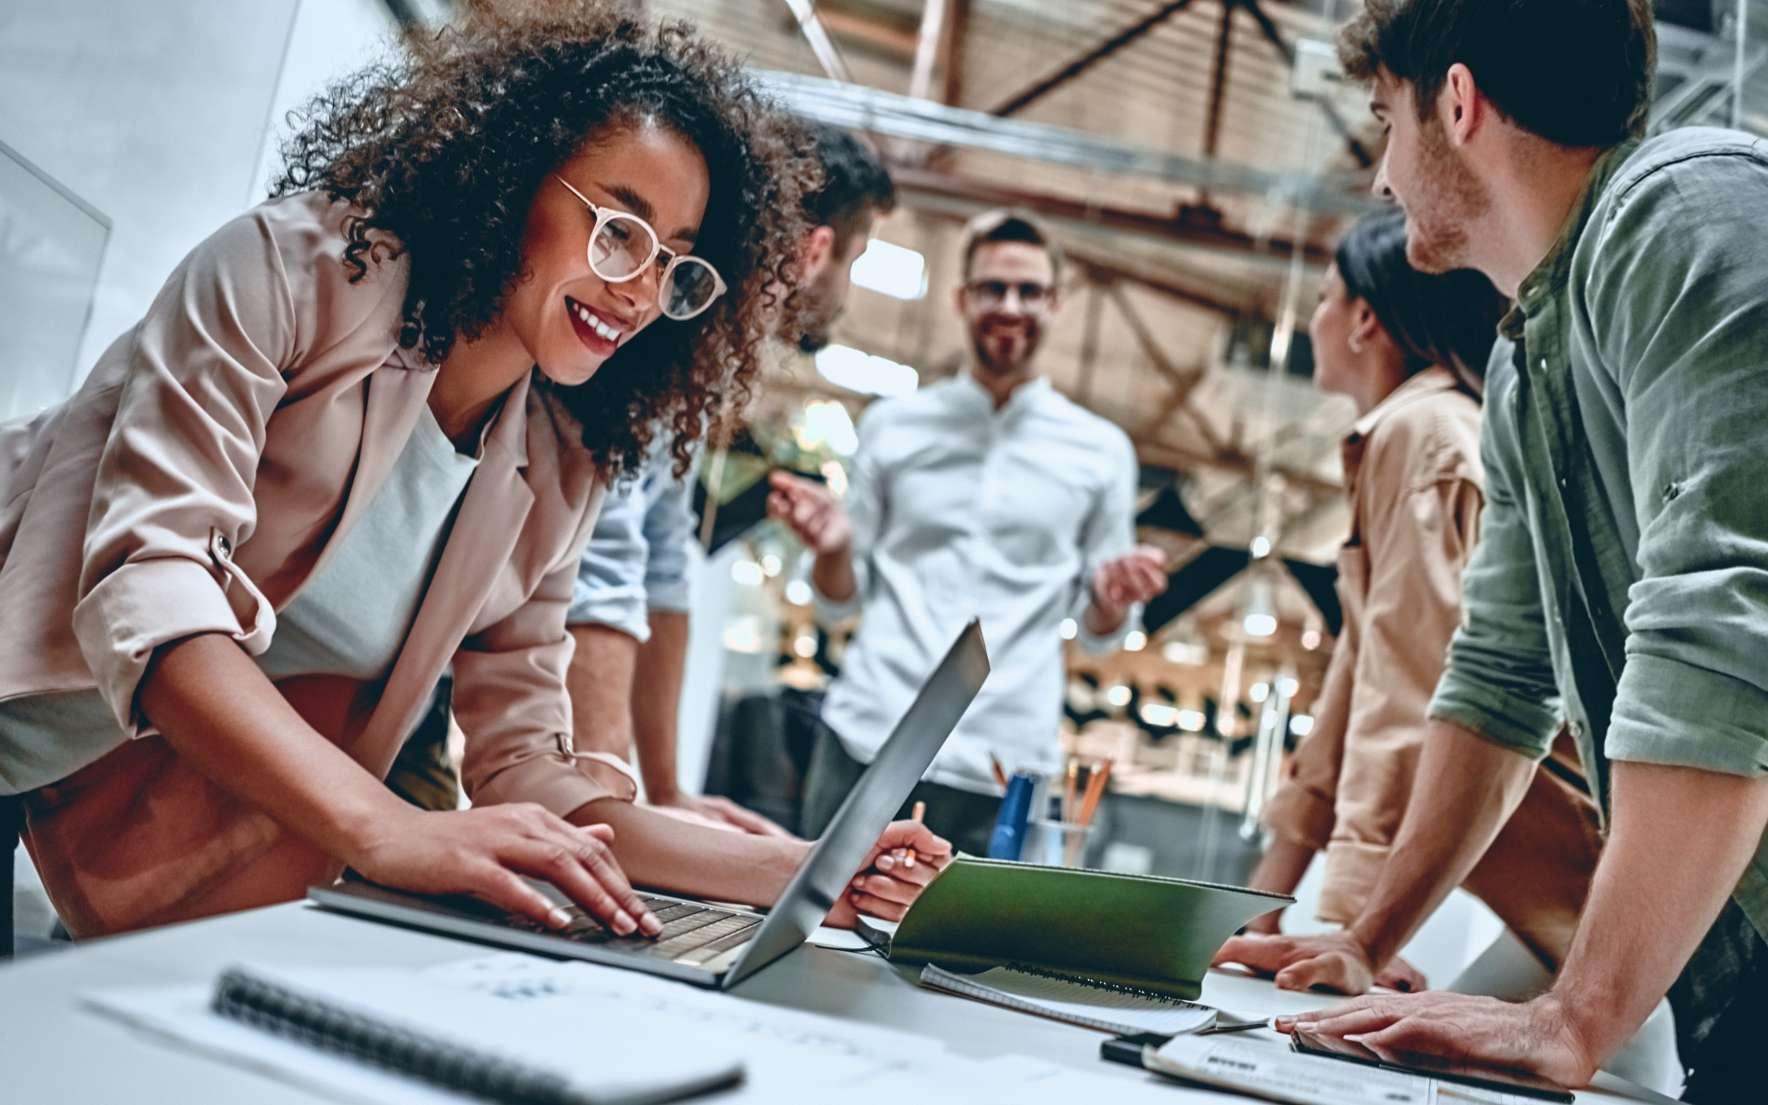 Créez une équipe efficace et optez pour un travail en synergie grâce à la méthode DISC. © Vasyl, Adobe Stock